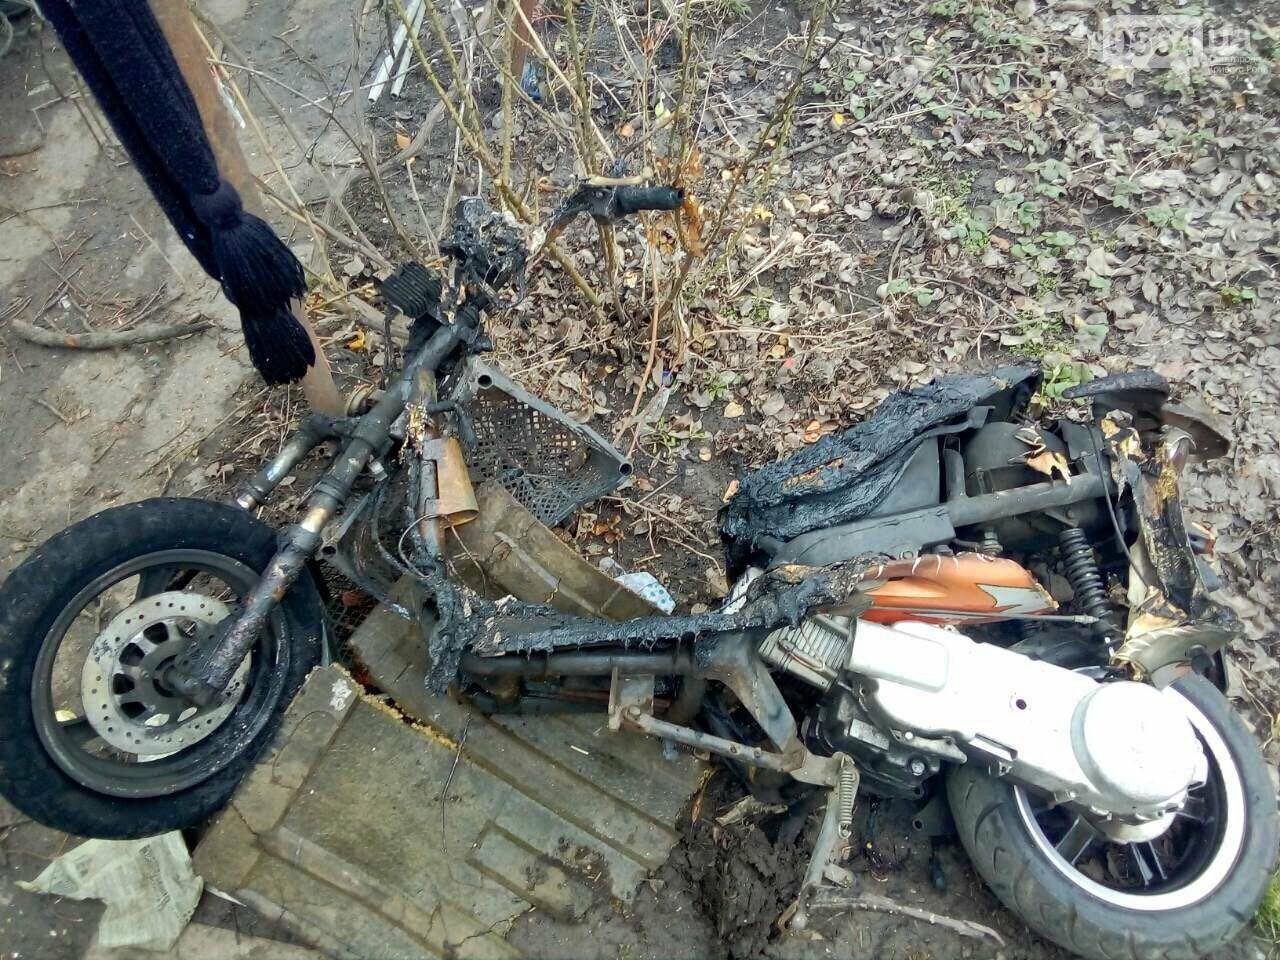 В Кривом Роге сгорел скутер, хранившийся в сарае (ФОТО), фото-3